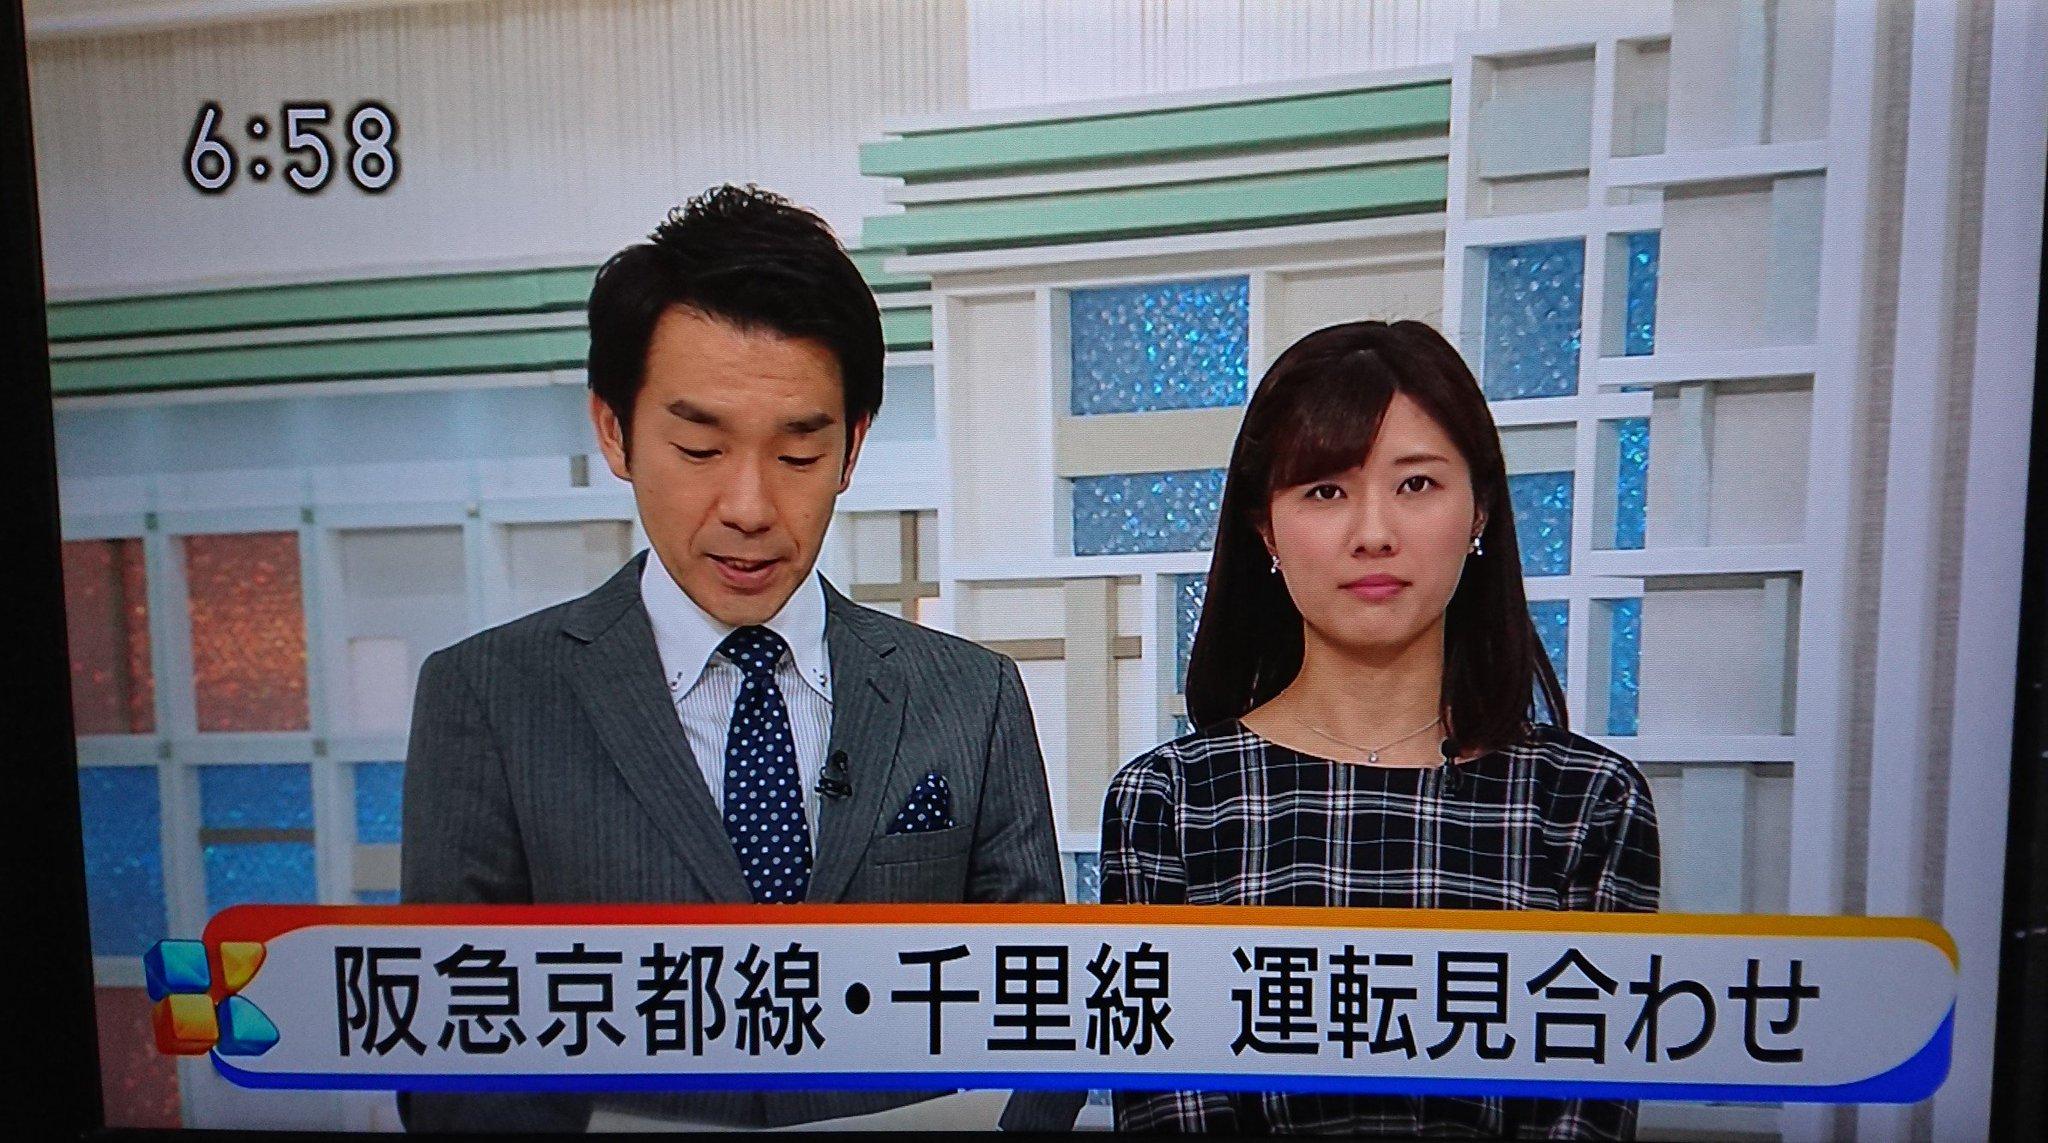 画像,NHKでもニュースになる位な、阪急京都線、千里線、堺筋線運転見合わせの情報。 https://t.co/qpJJ6Gvu5X…